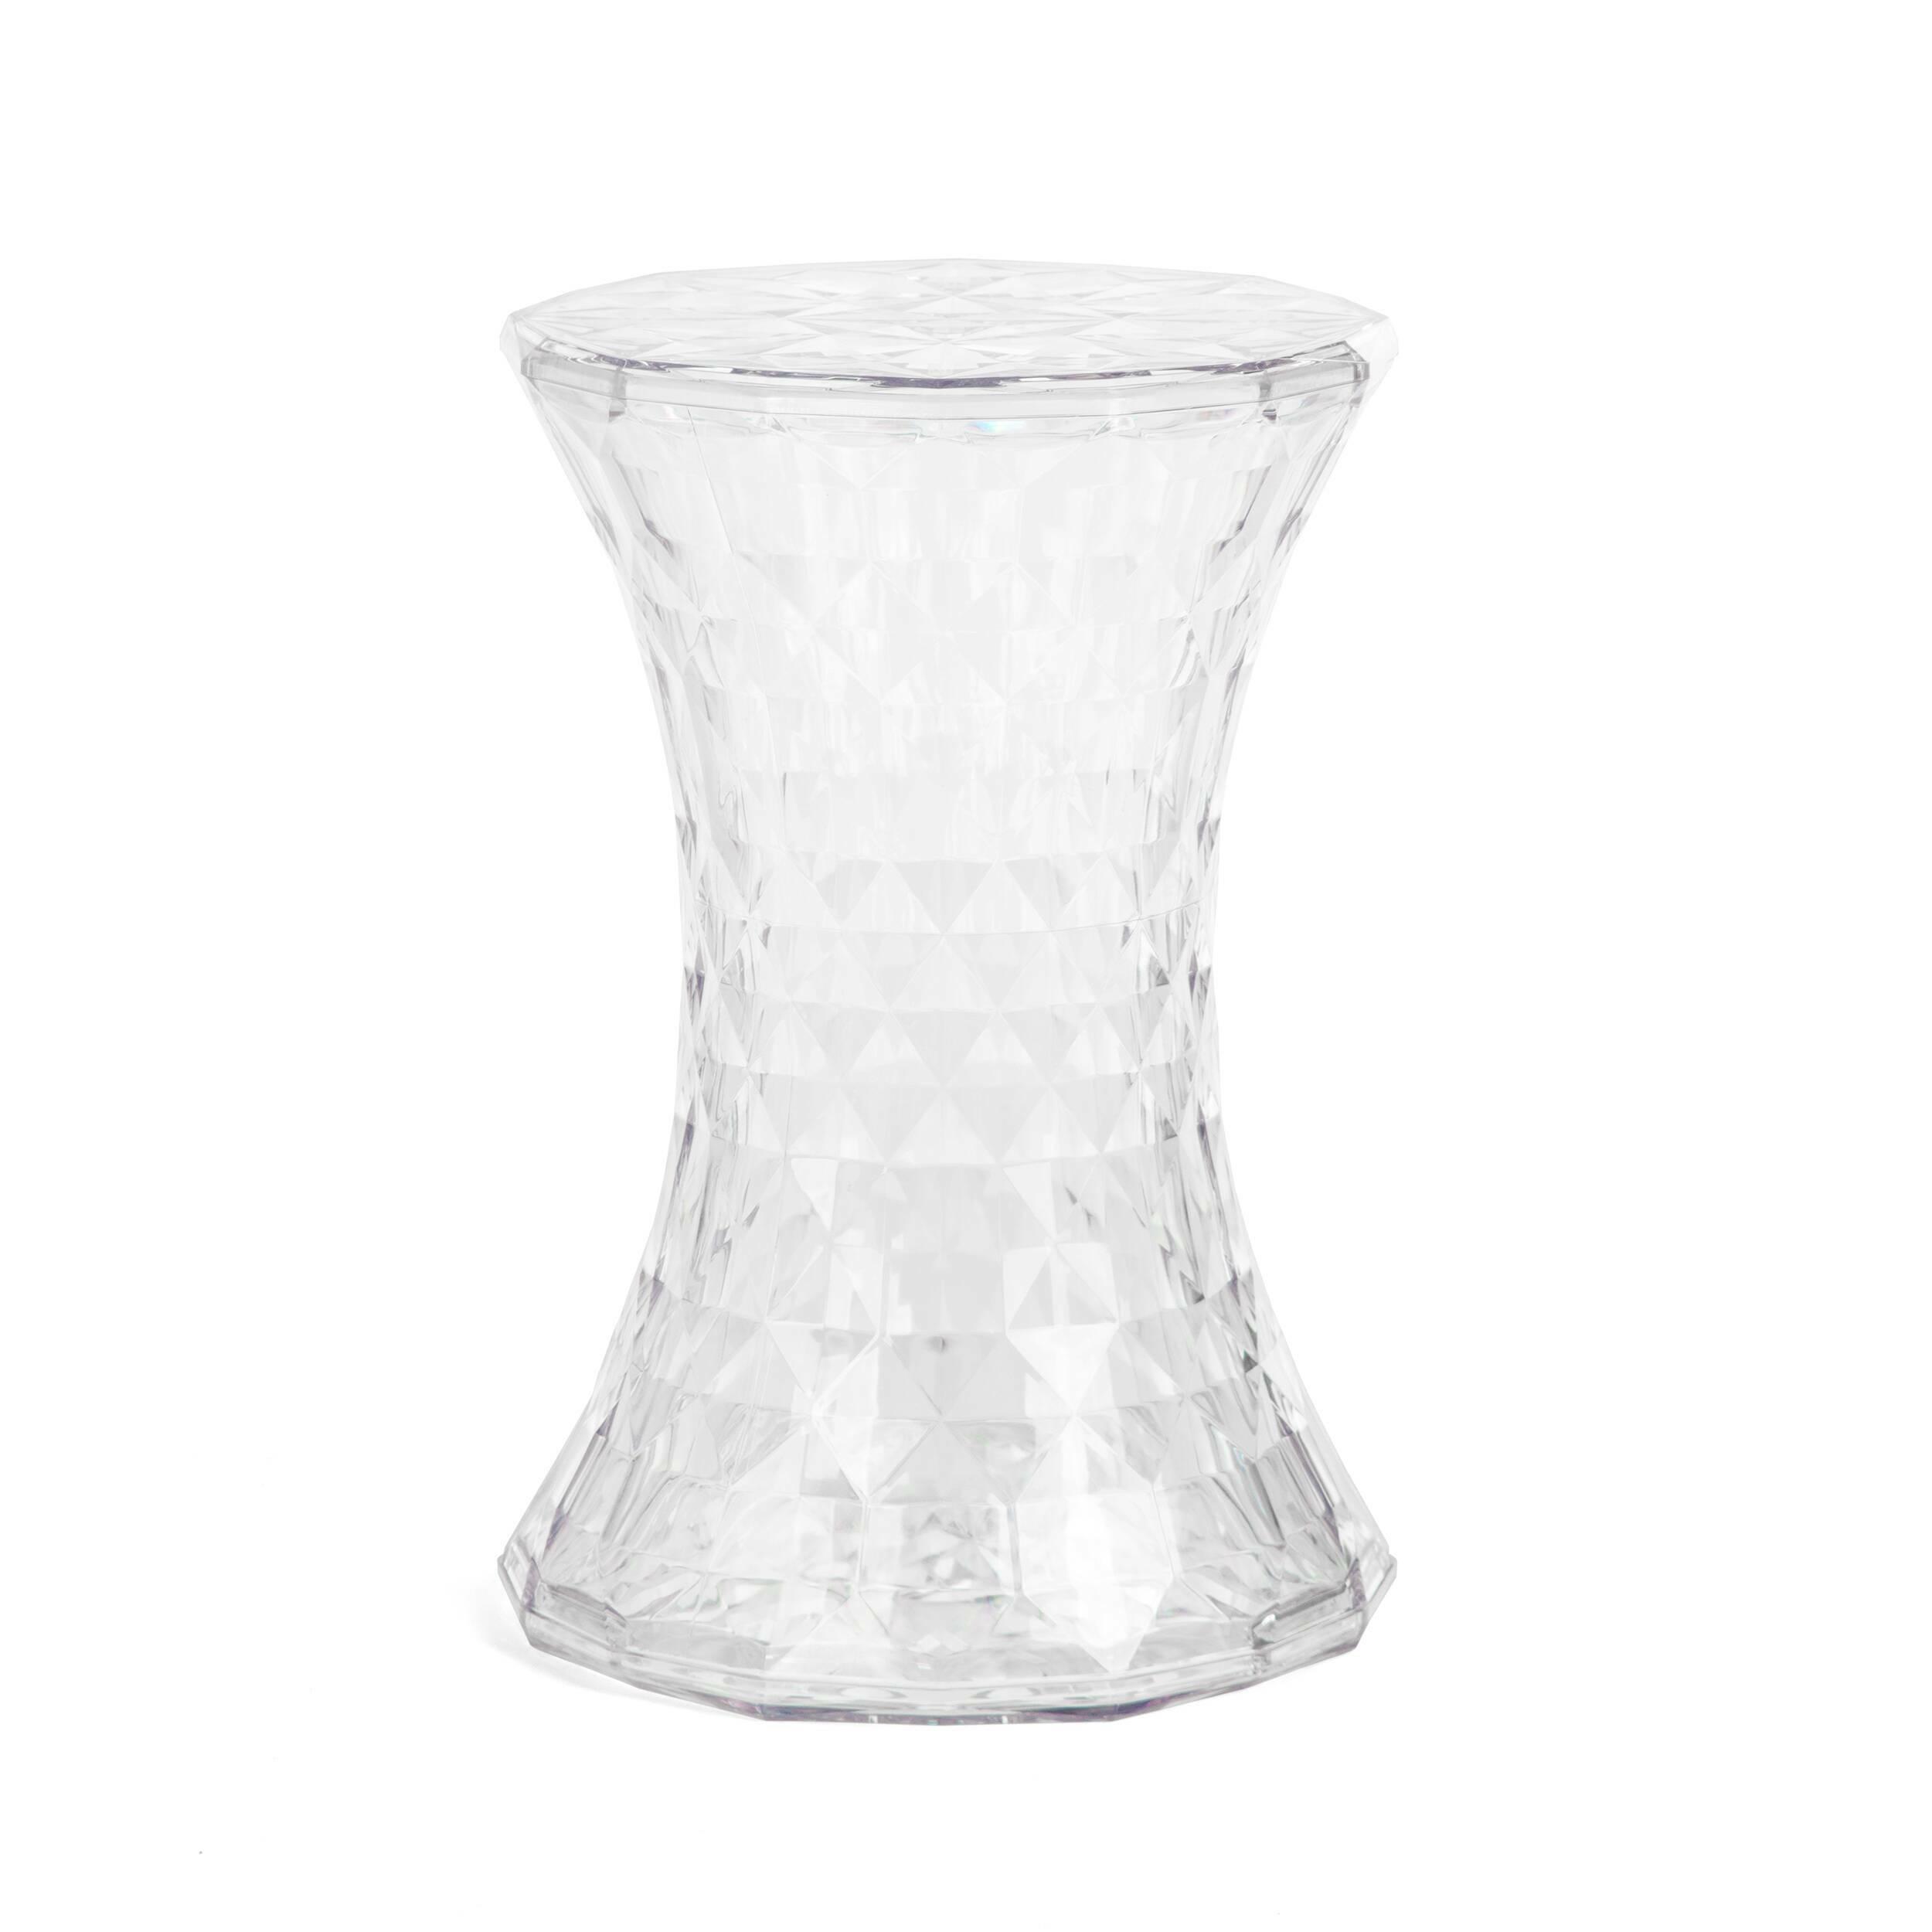 Стол кофейный 131-APCКофейные столики<br><br><br>stock: 22<br>Высота: 46<br>Диаметр: 31<br>Тип материала каркаса: Пластик<br>Цвет каркаса: Прозрачный